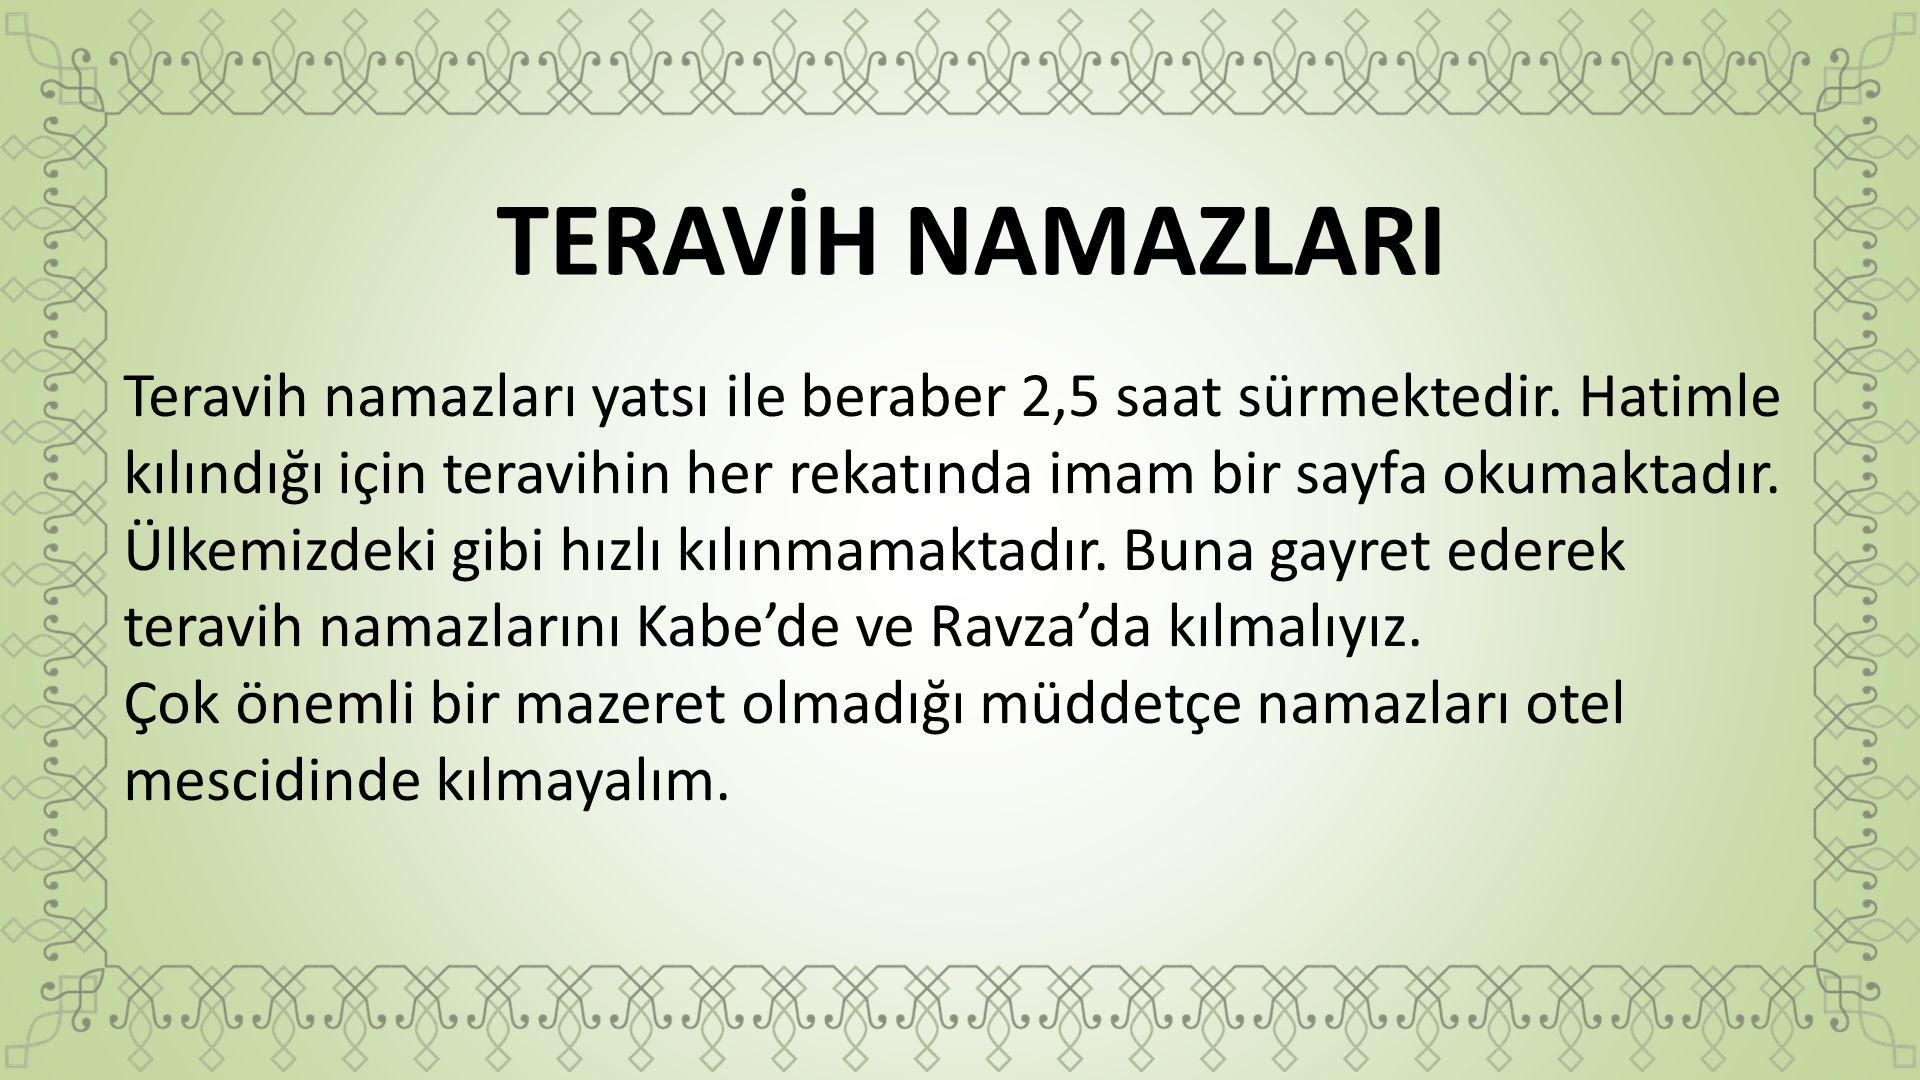 TERAVİH NAMAZLARI Teravih namazları yatsı ile beraber 2,5 saat sürmektedir. Hatimle kılındığı için teravihin her rekatında imam bir sayfa okumaktadır.